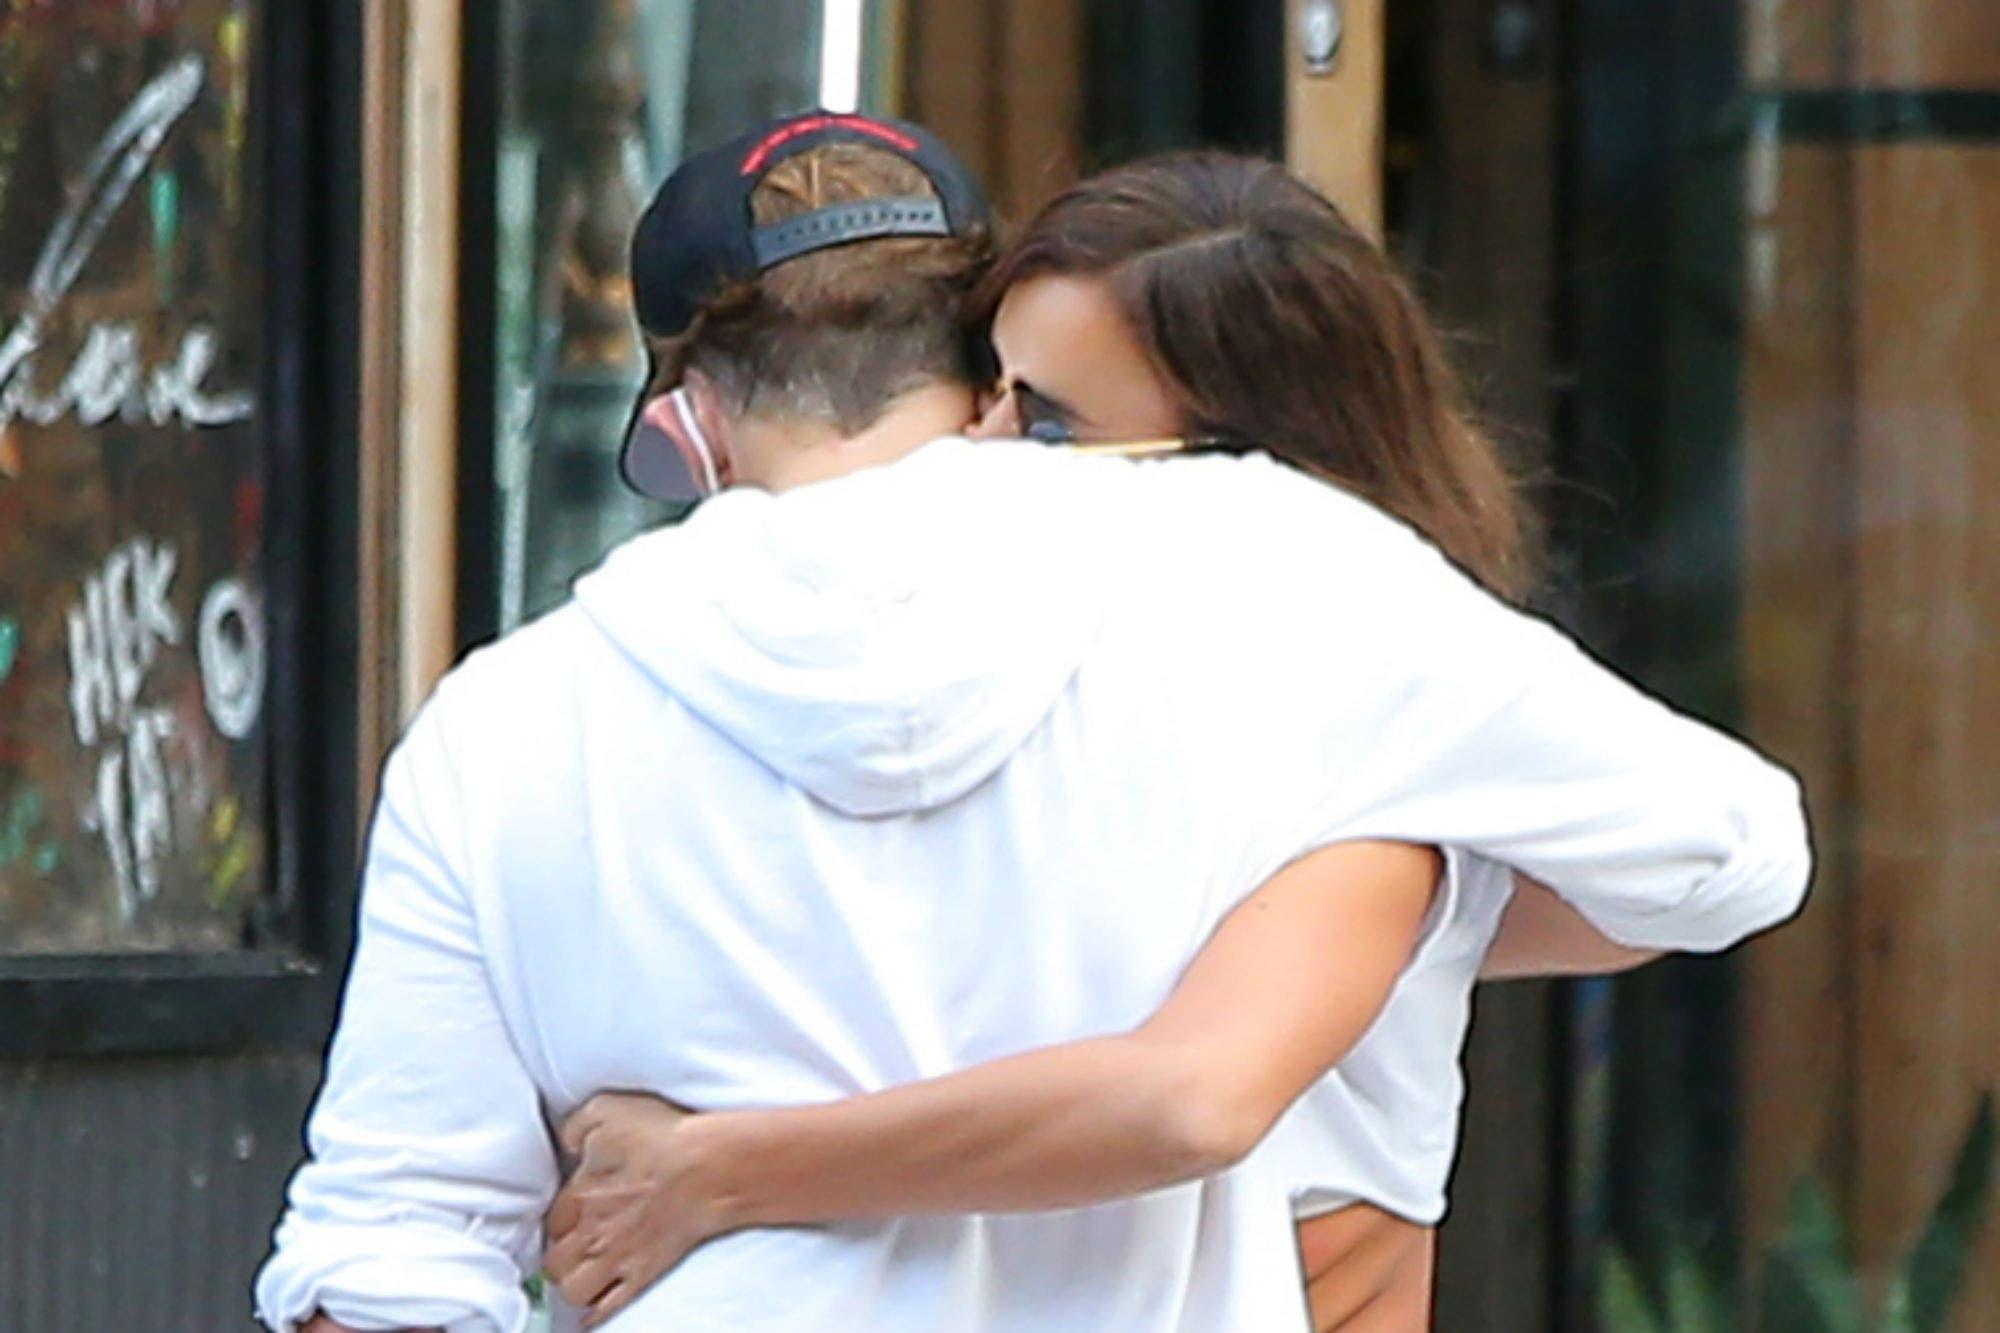 El cariñoso encuentro entre Bradley Cooper y su ex, Irina Shayk